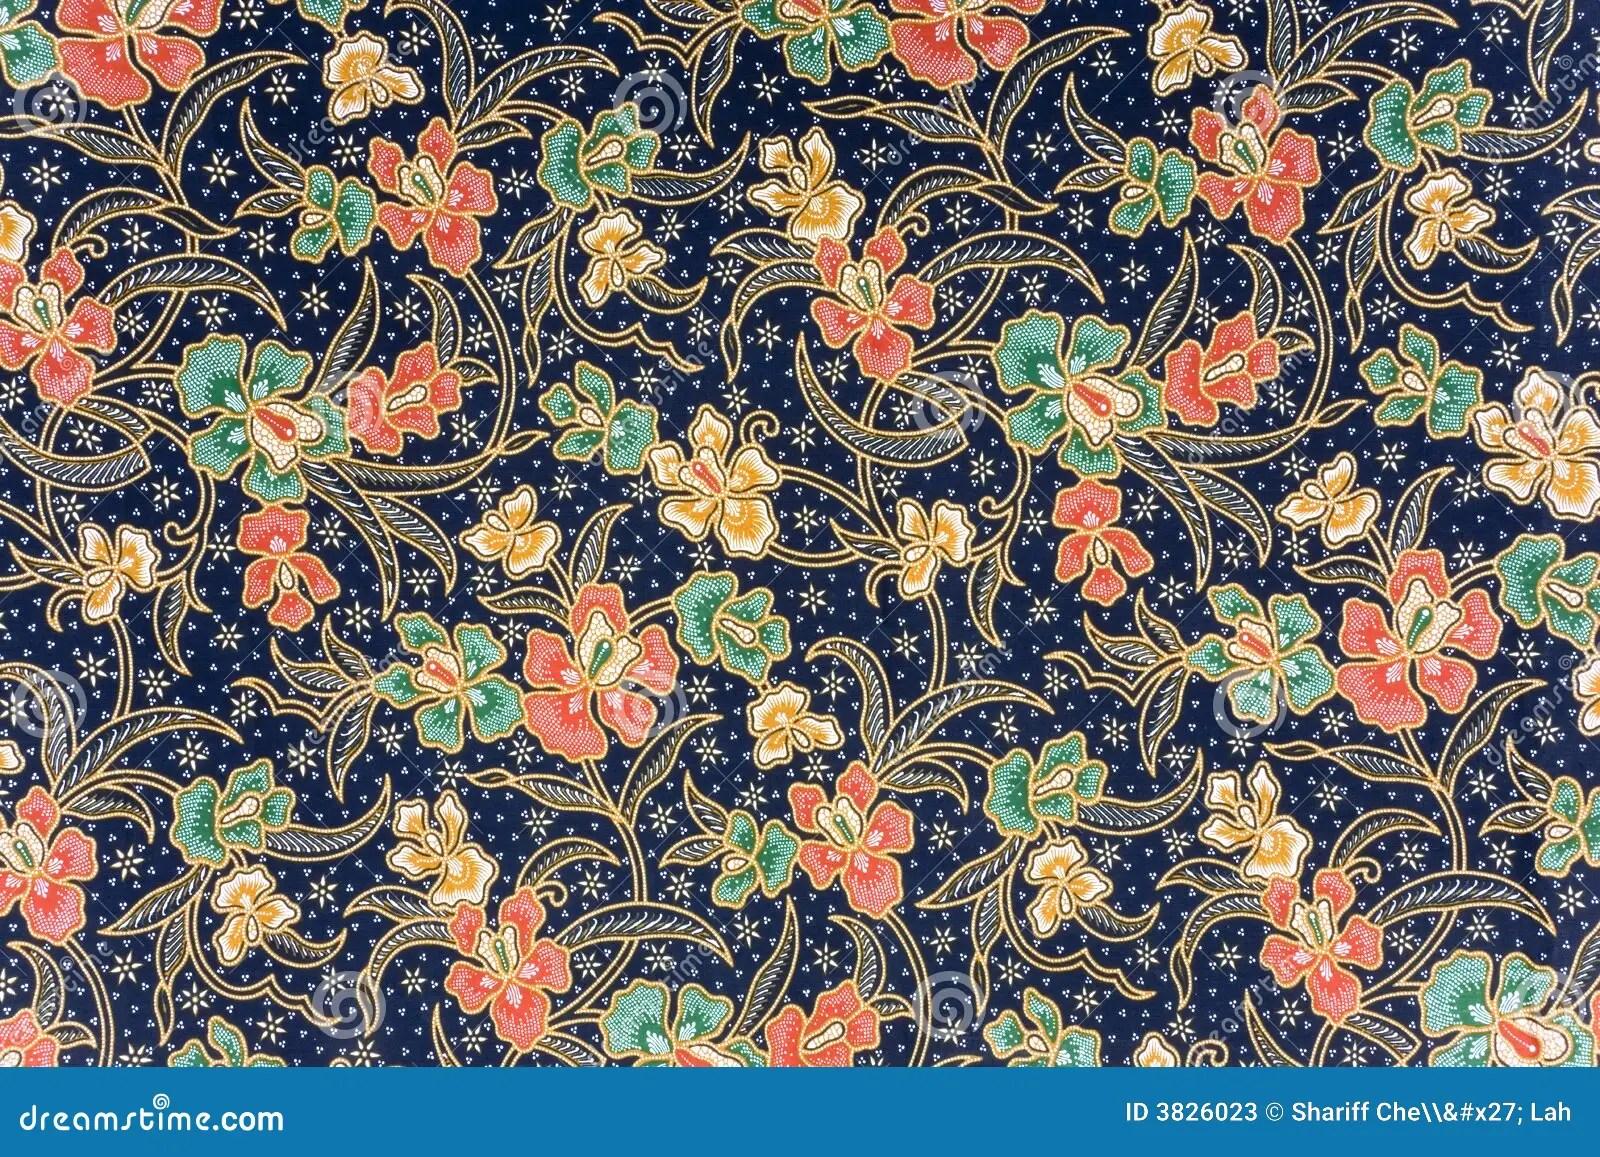 Indonesian Batik Sarong Stock Photos  Image 3826023